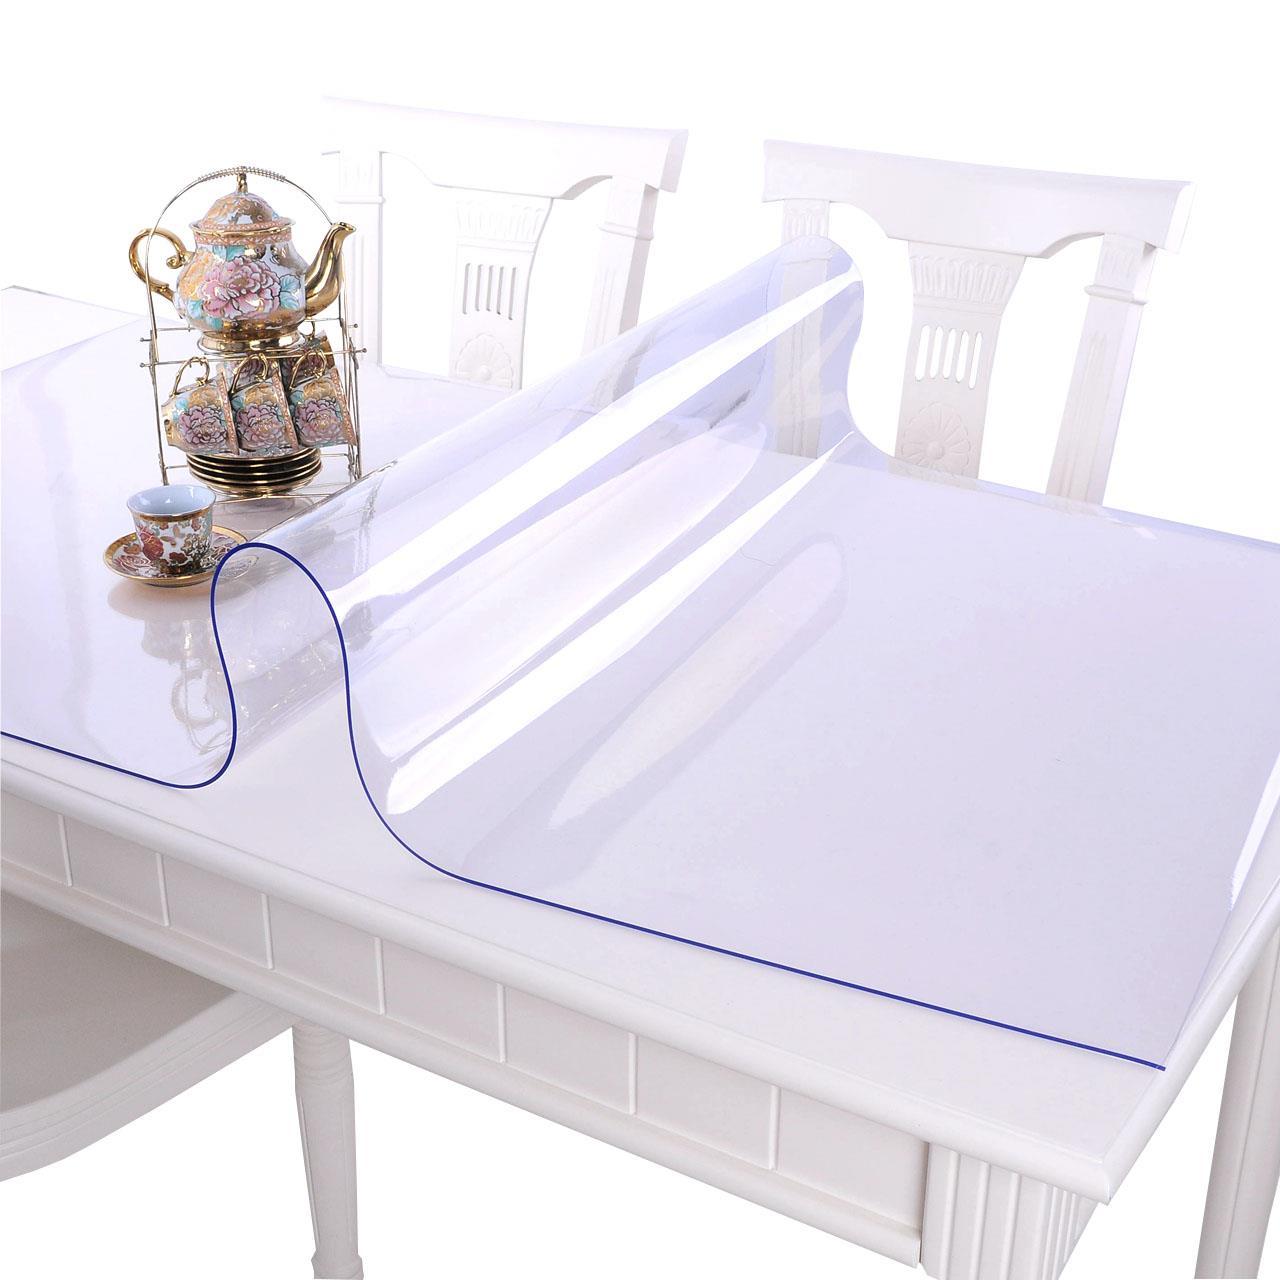 青春用具餐桌宿舍网红条纹春节典雅个性软玻璃桌垫桌布恋爱圆桌